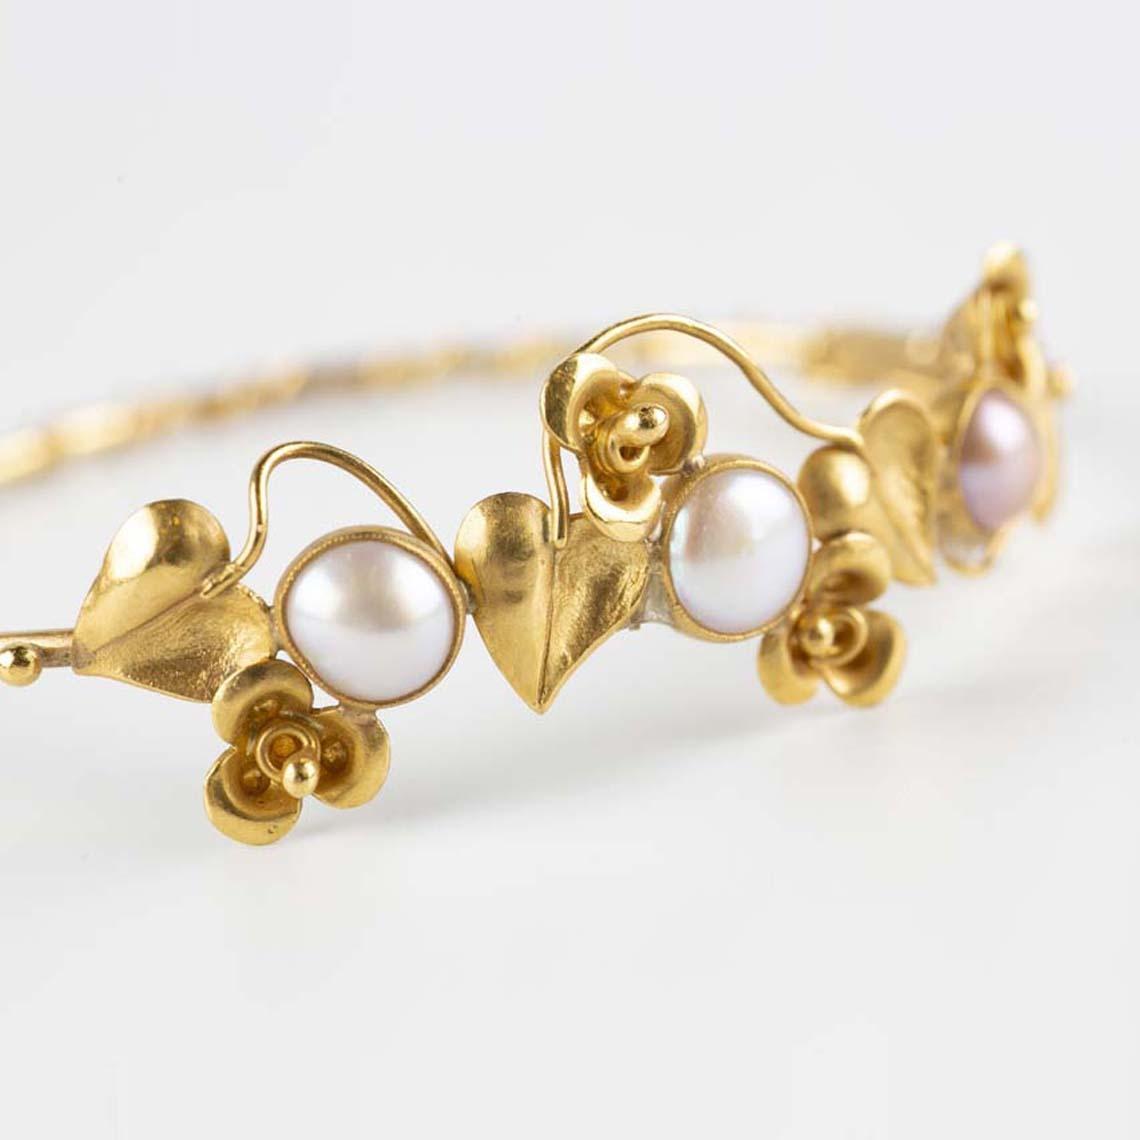 Vintage pearl bangle